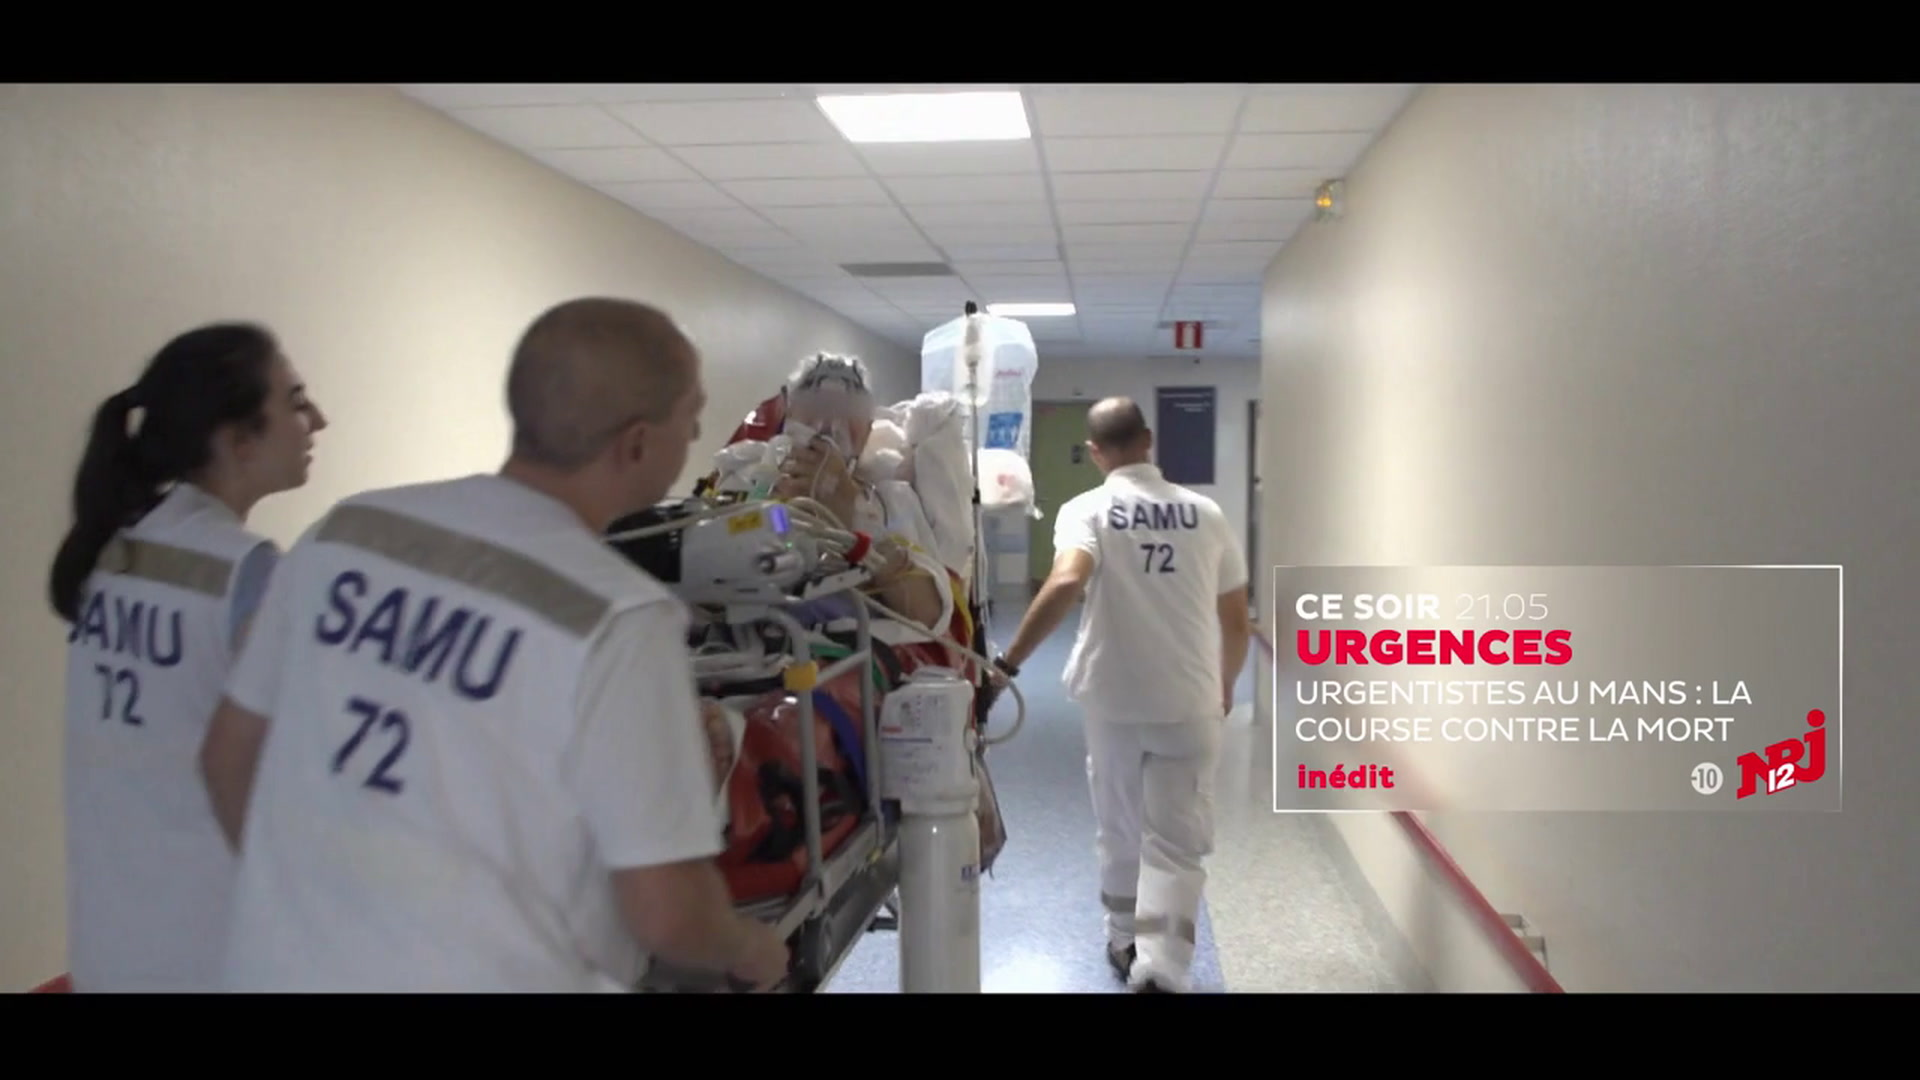 Urgences : Urgentistes au Mans : la course contre la mort